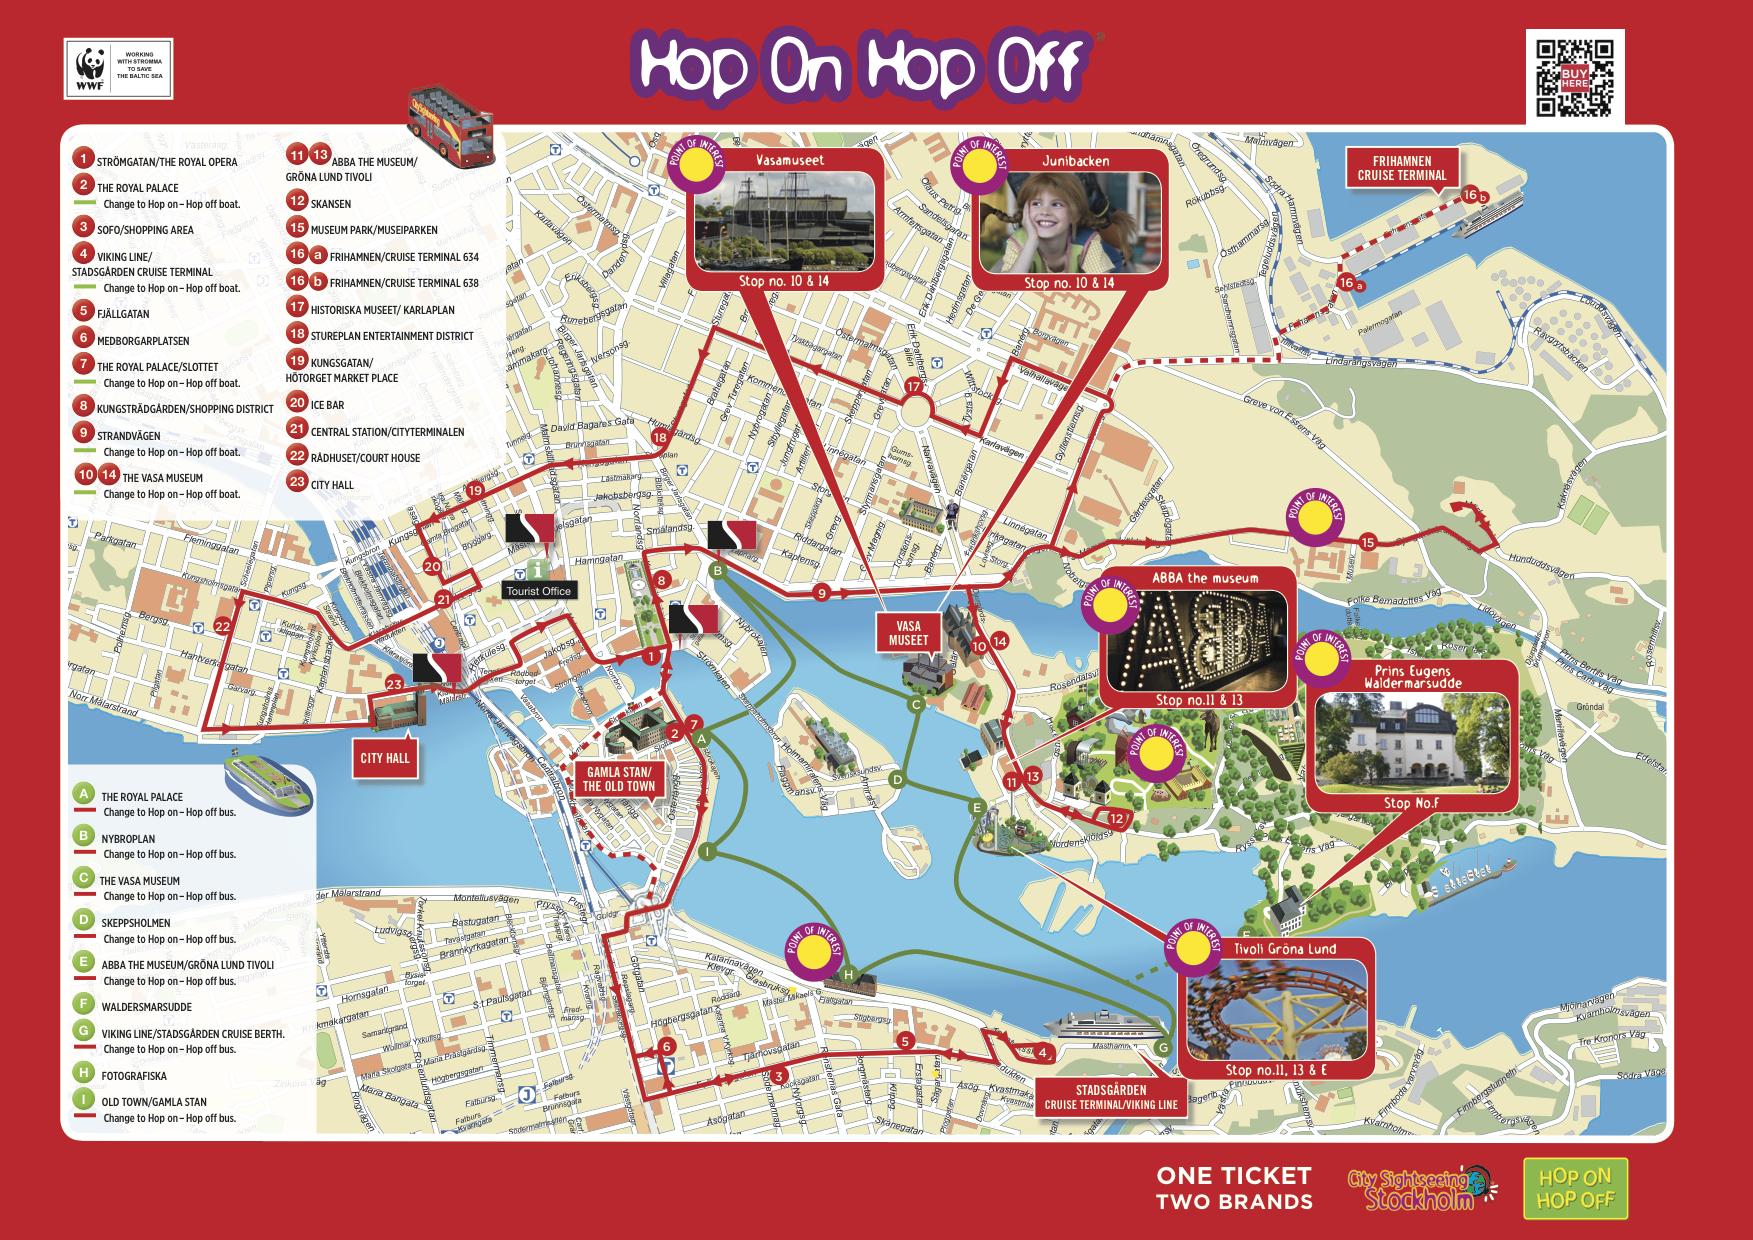 Cityplan mit Hop On Hop Off Stationen bereitgestellt von https://www.stromma.com